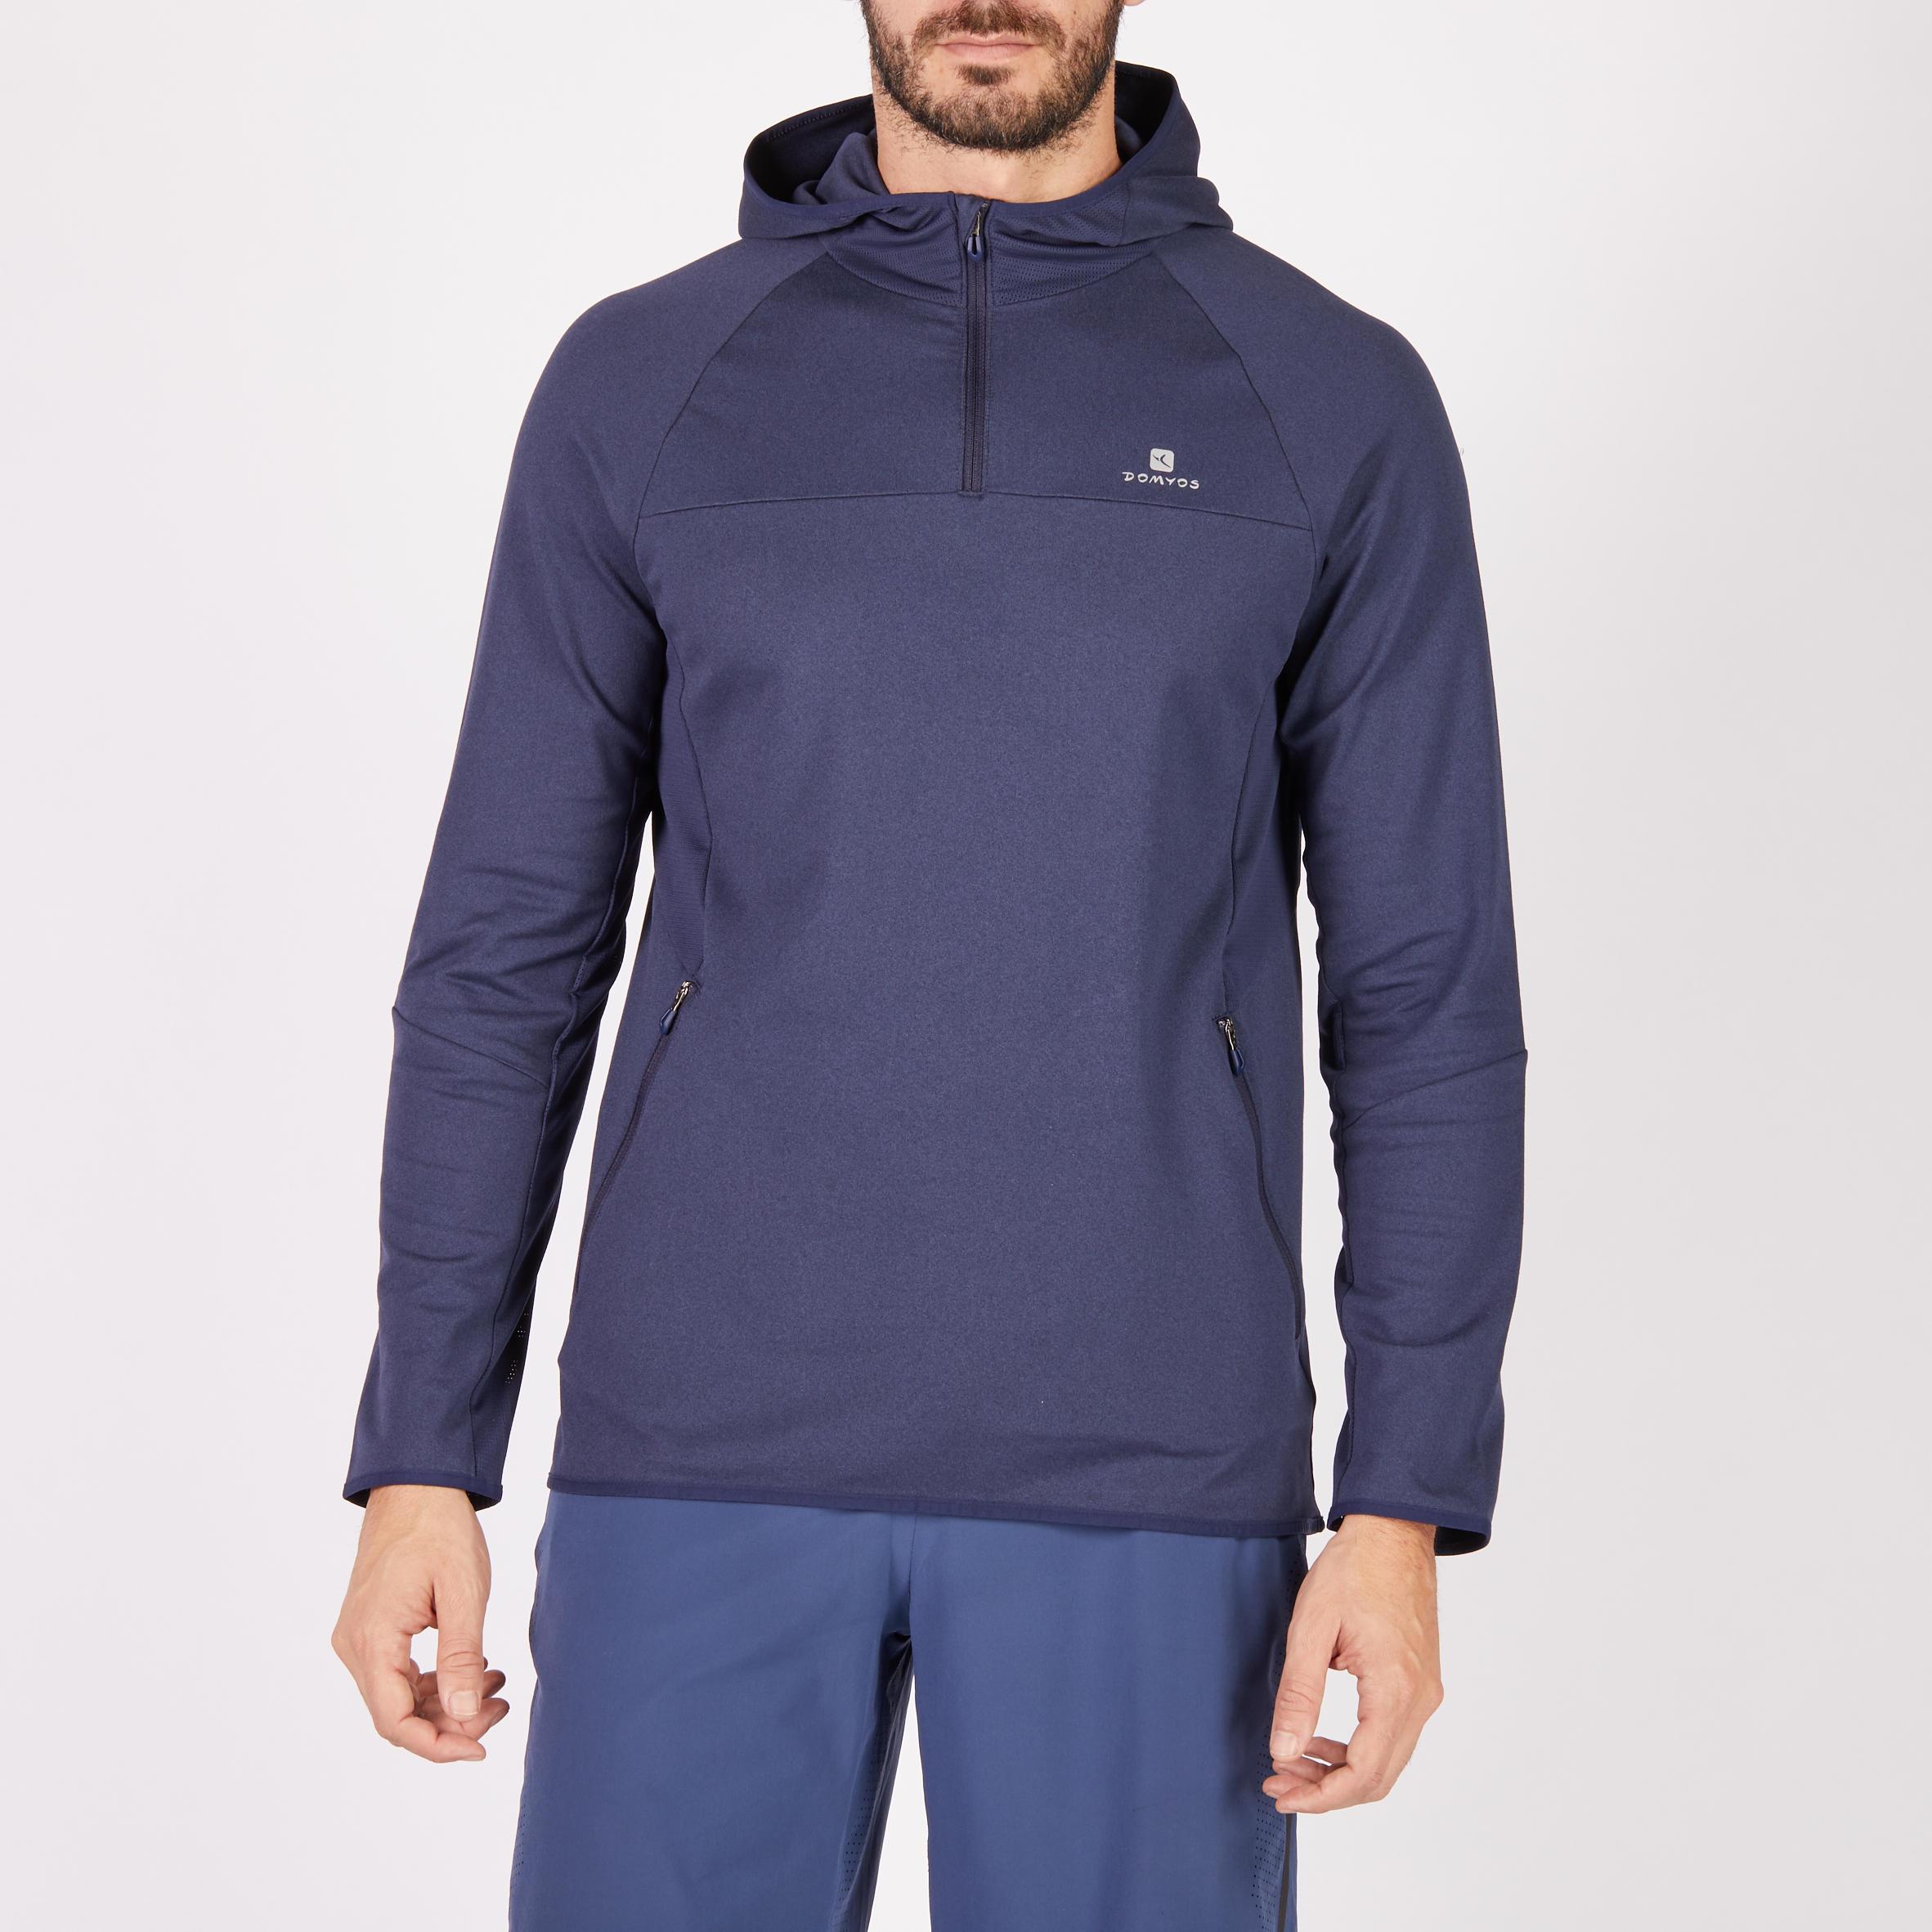 Sudadera fitness-cardio azul marino para hombre FSW500